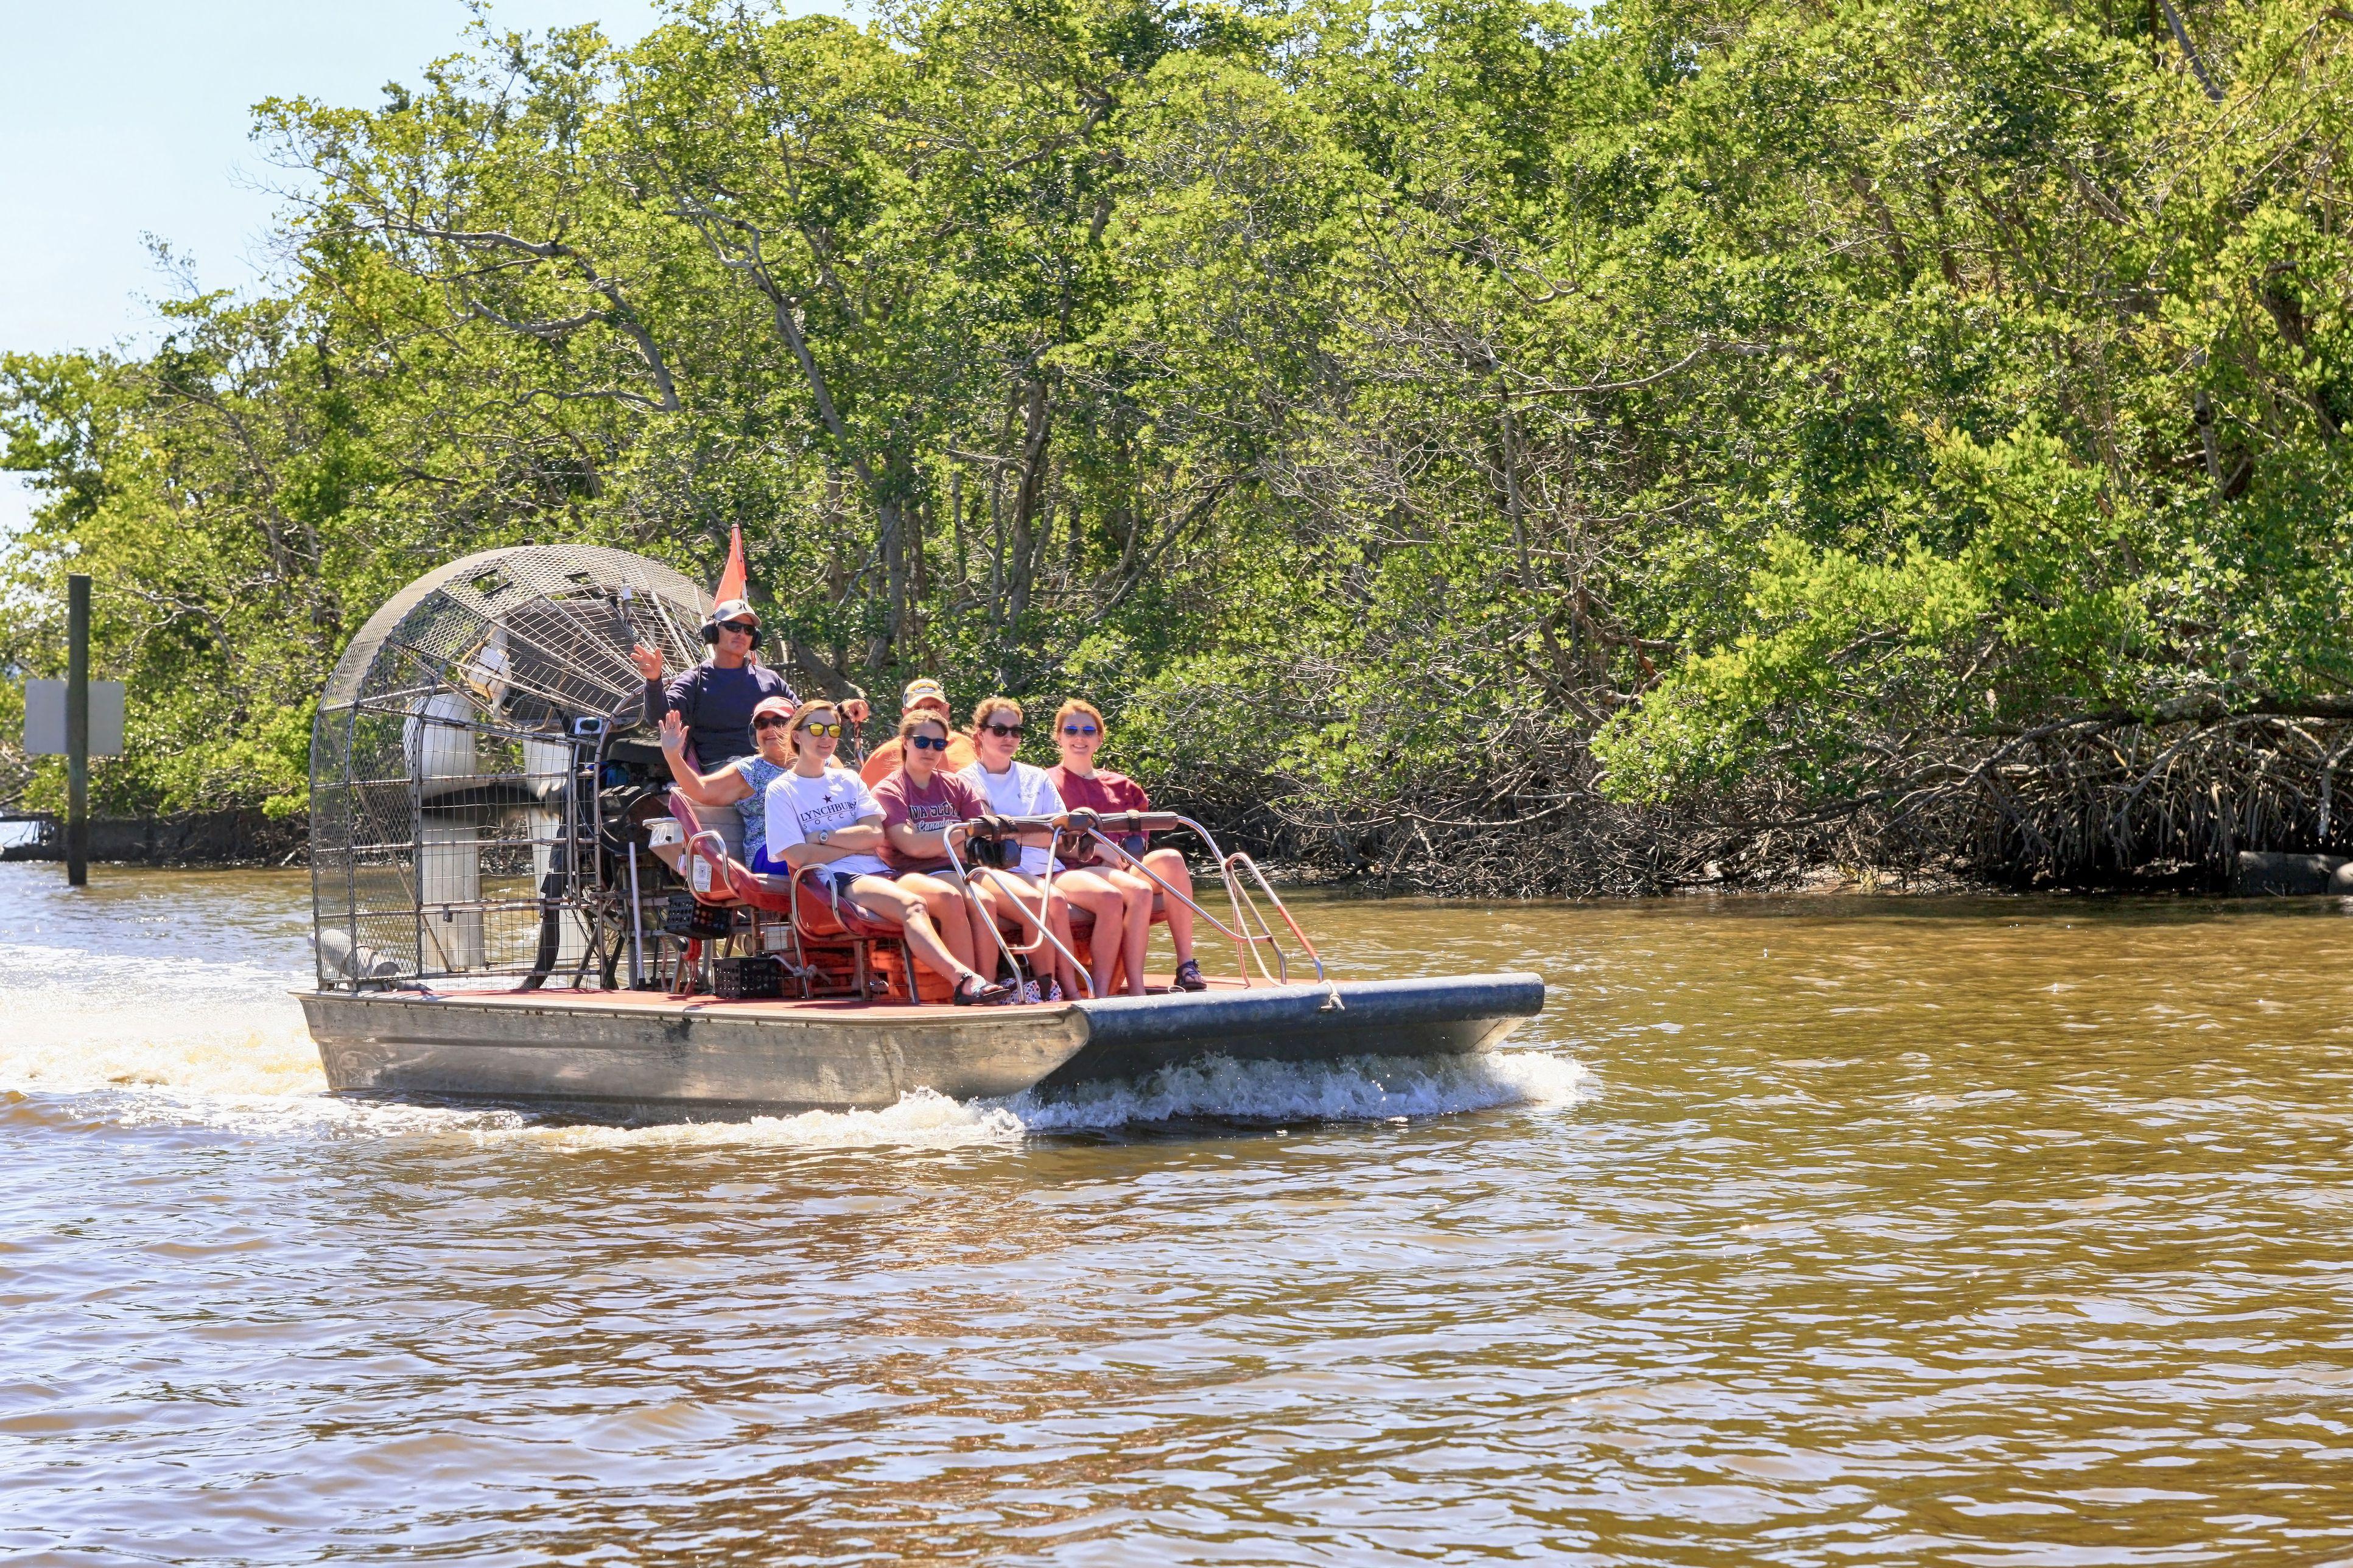 Personas a bordo de botes aéreos que se dirigen a un recorrido por los manglares en los Everglades en Florida, EE. UU.